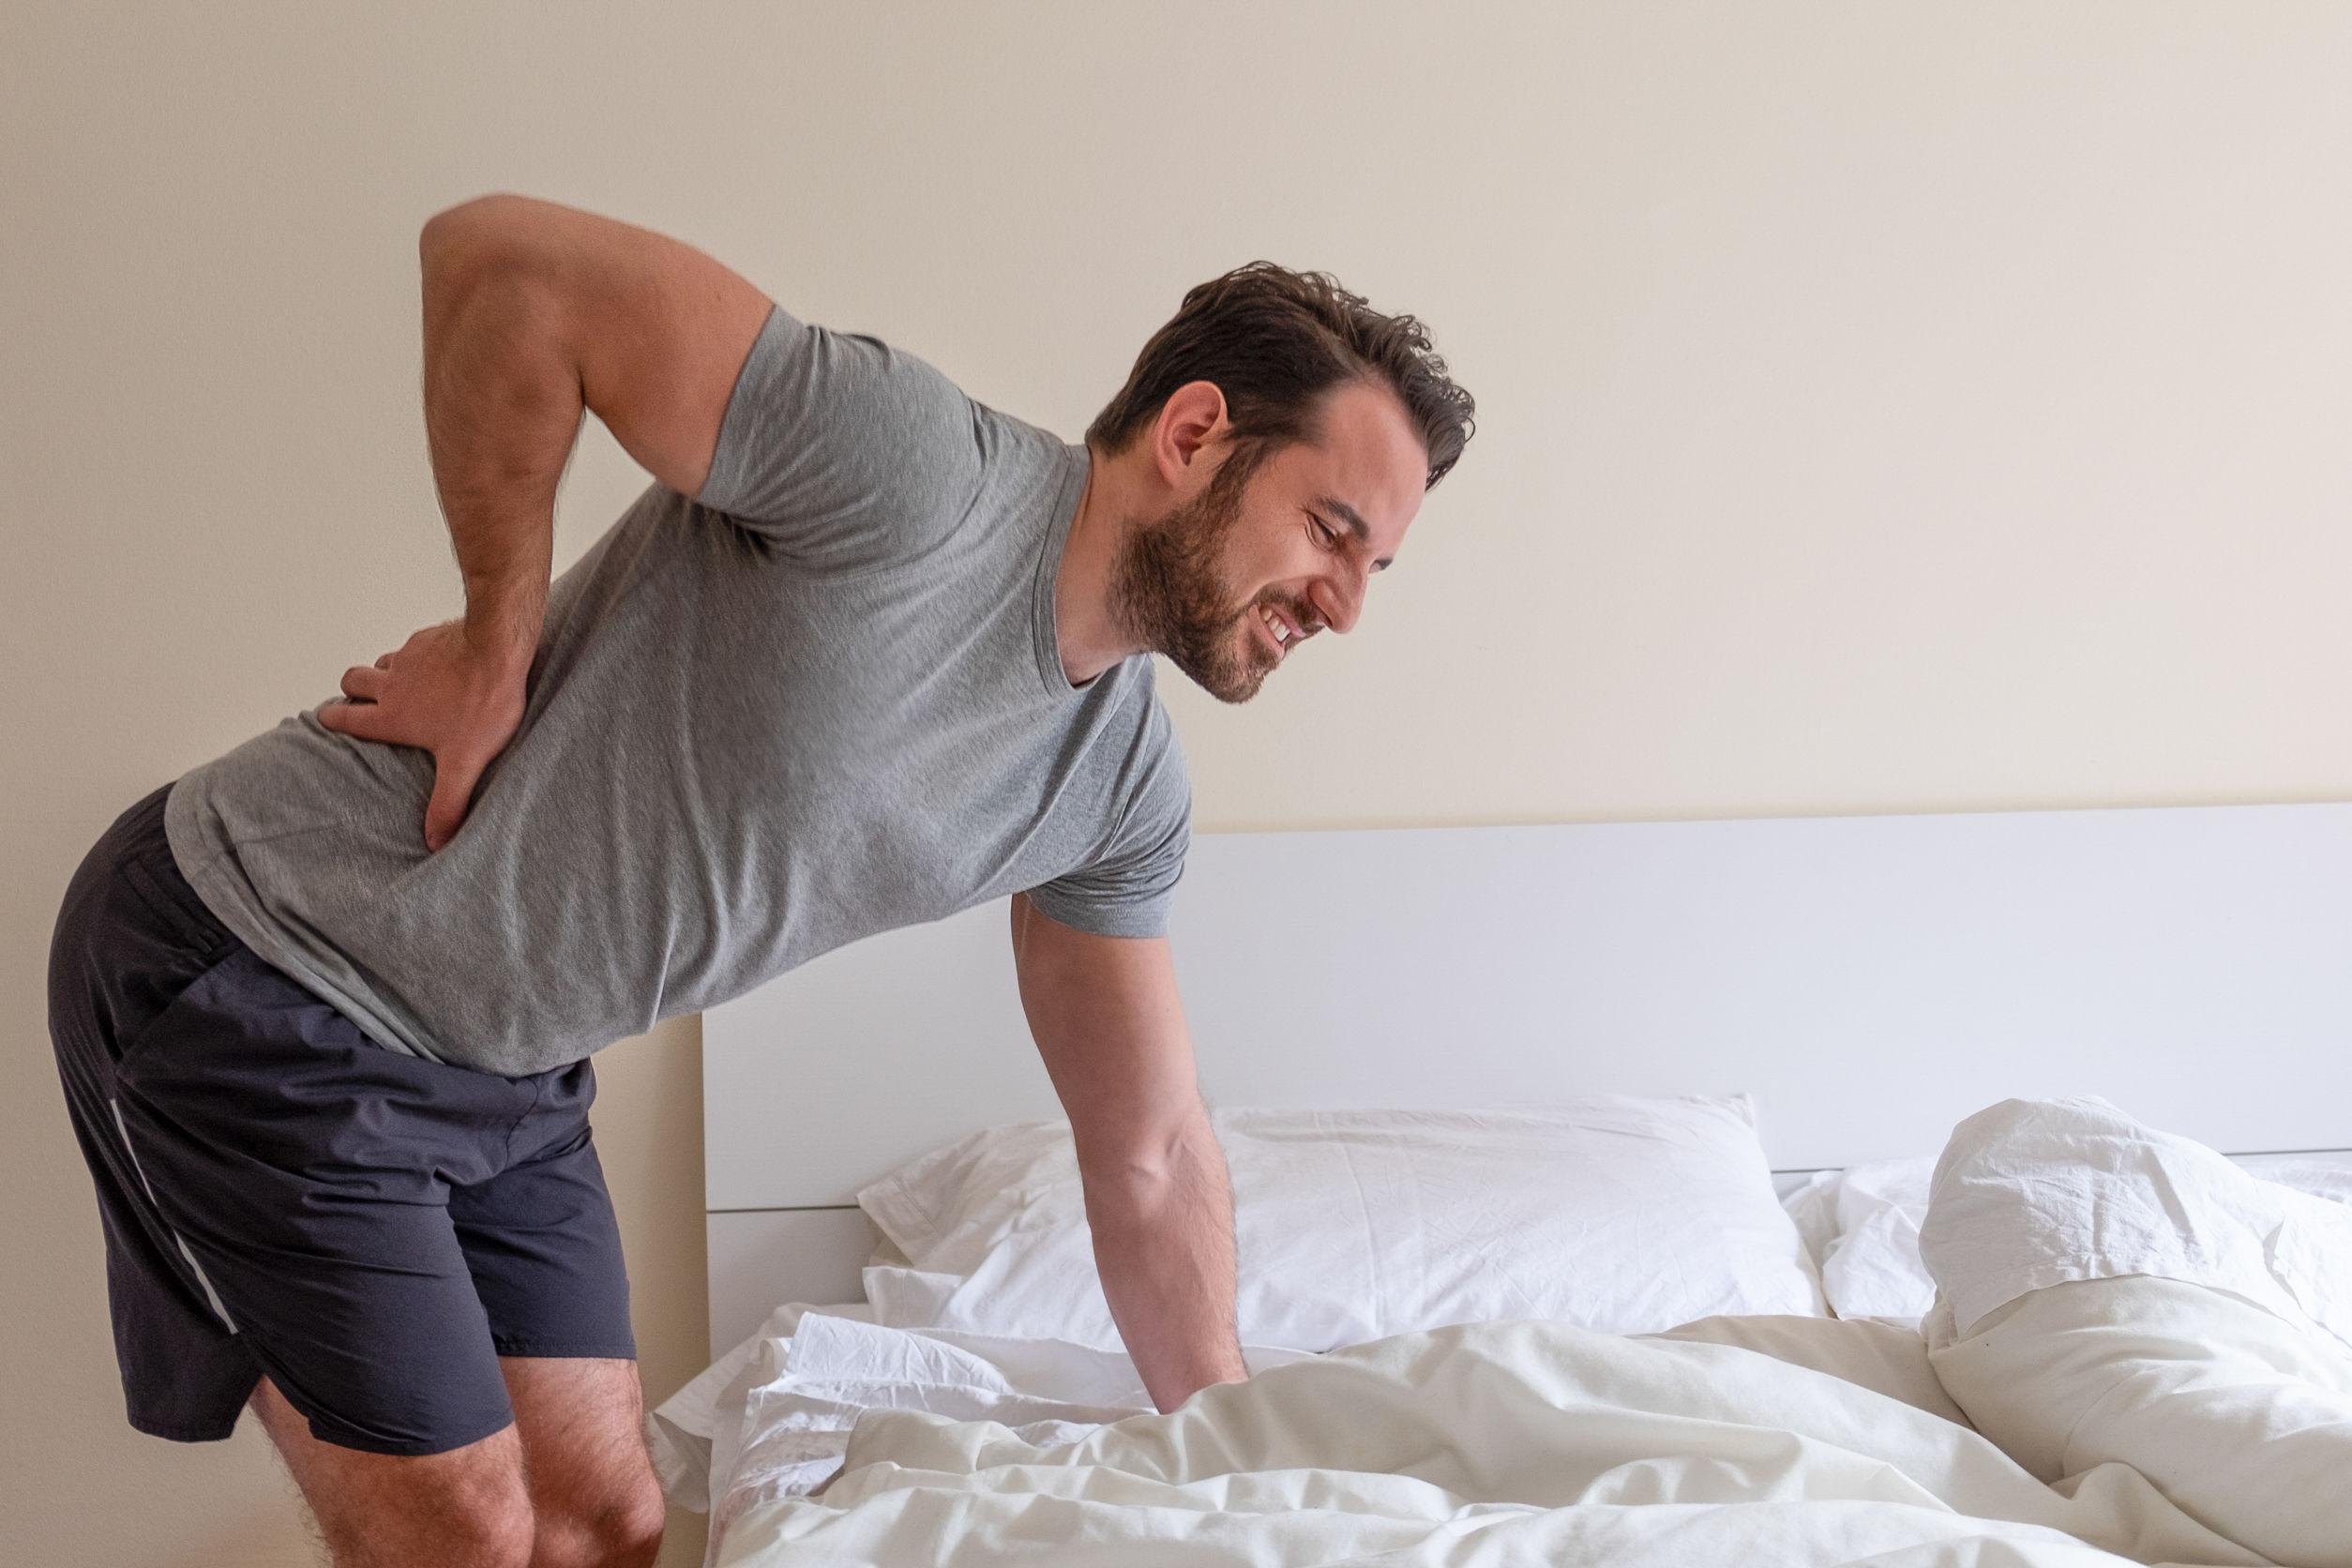 Lábgörcsök: Mi okozza az akut fájdalmat a borjú izmokban, és hogyan lehet eltávolítani?